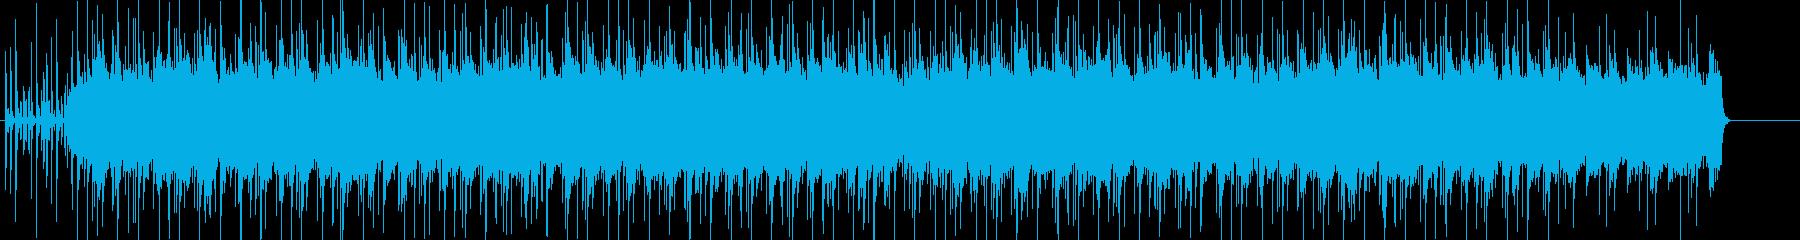 淡々としてクールなイメージのポップスの再生済みの波形